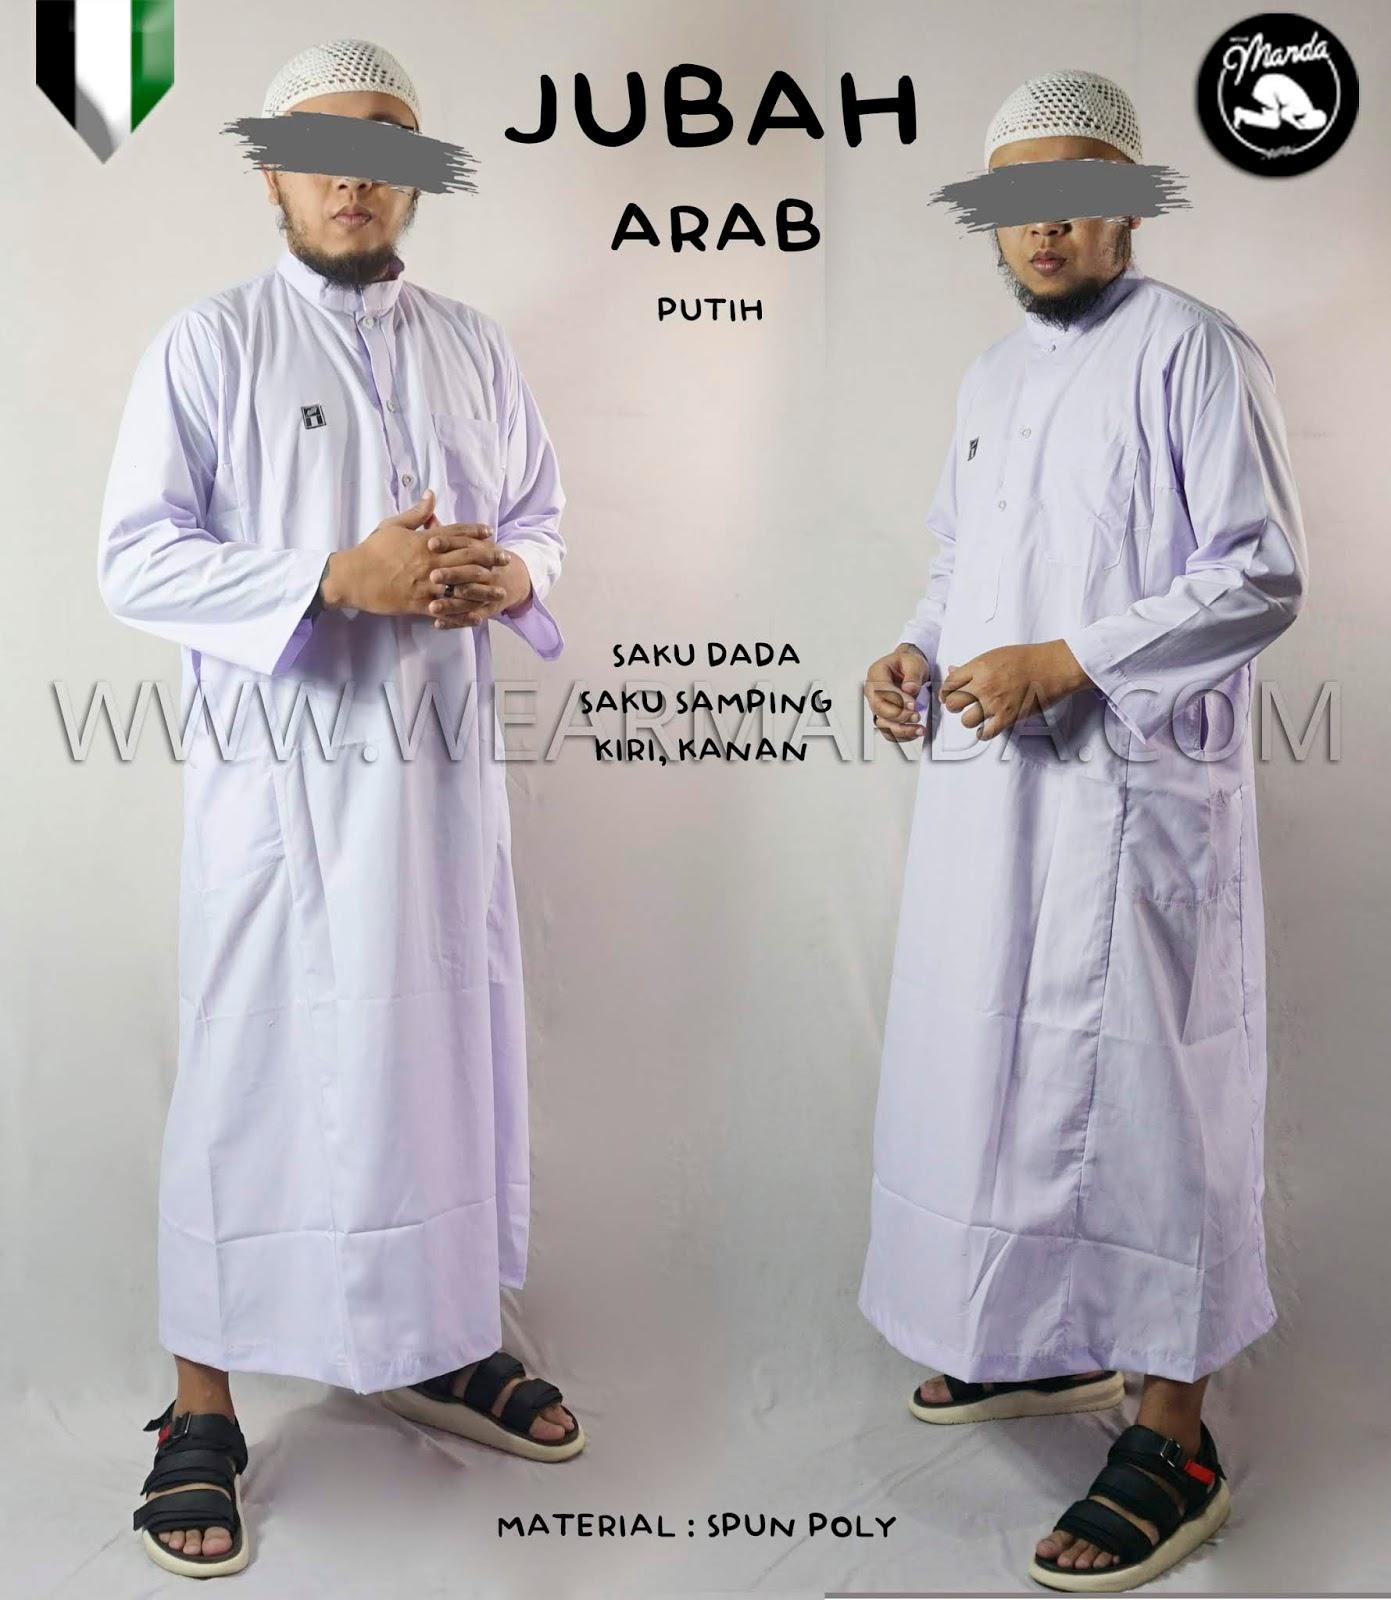 JUBAH ARAB PUTIH